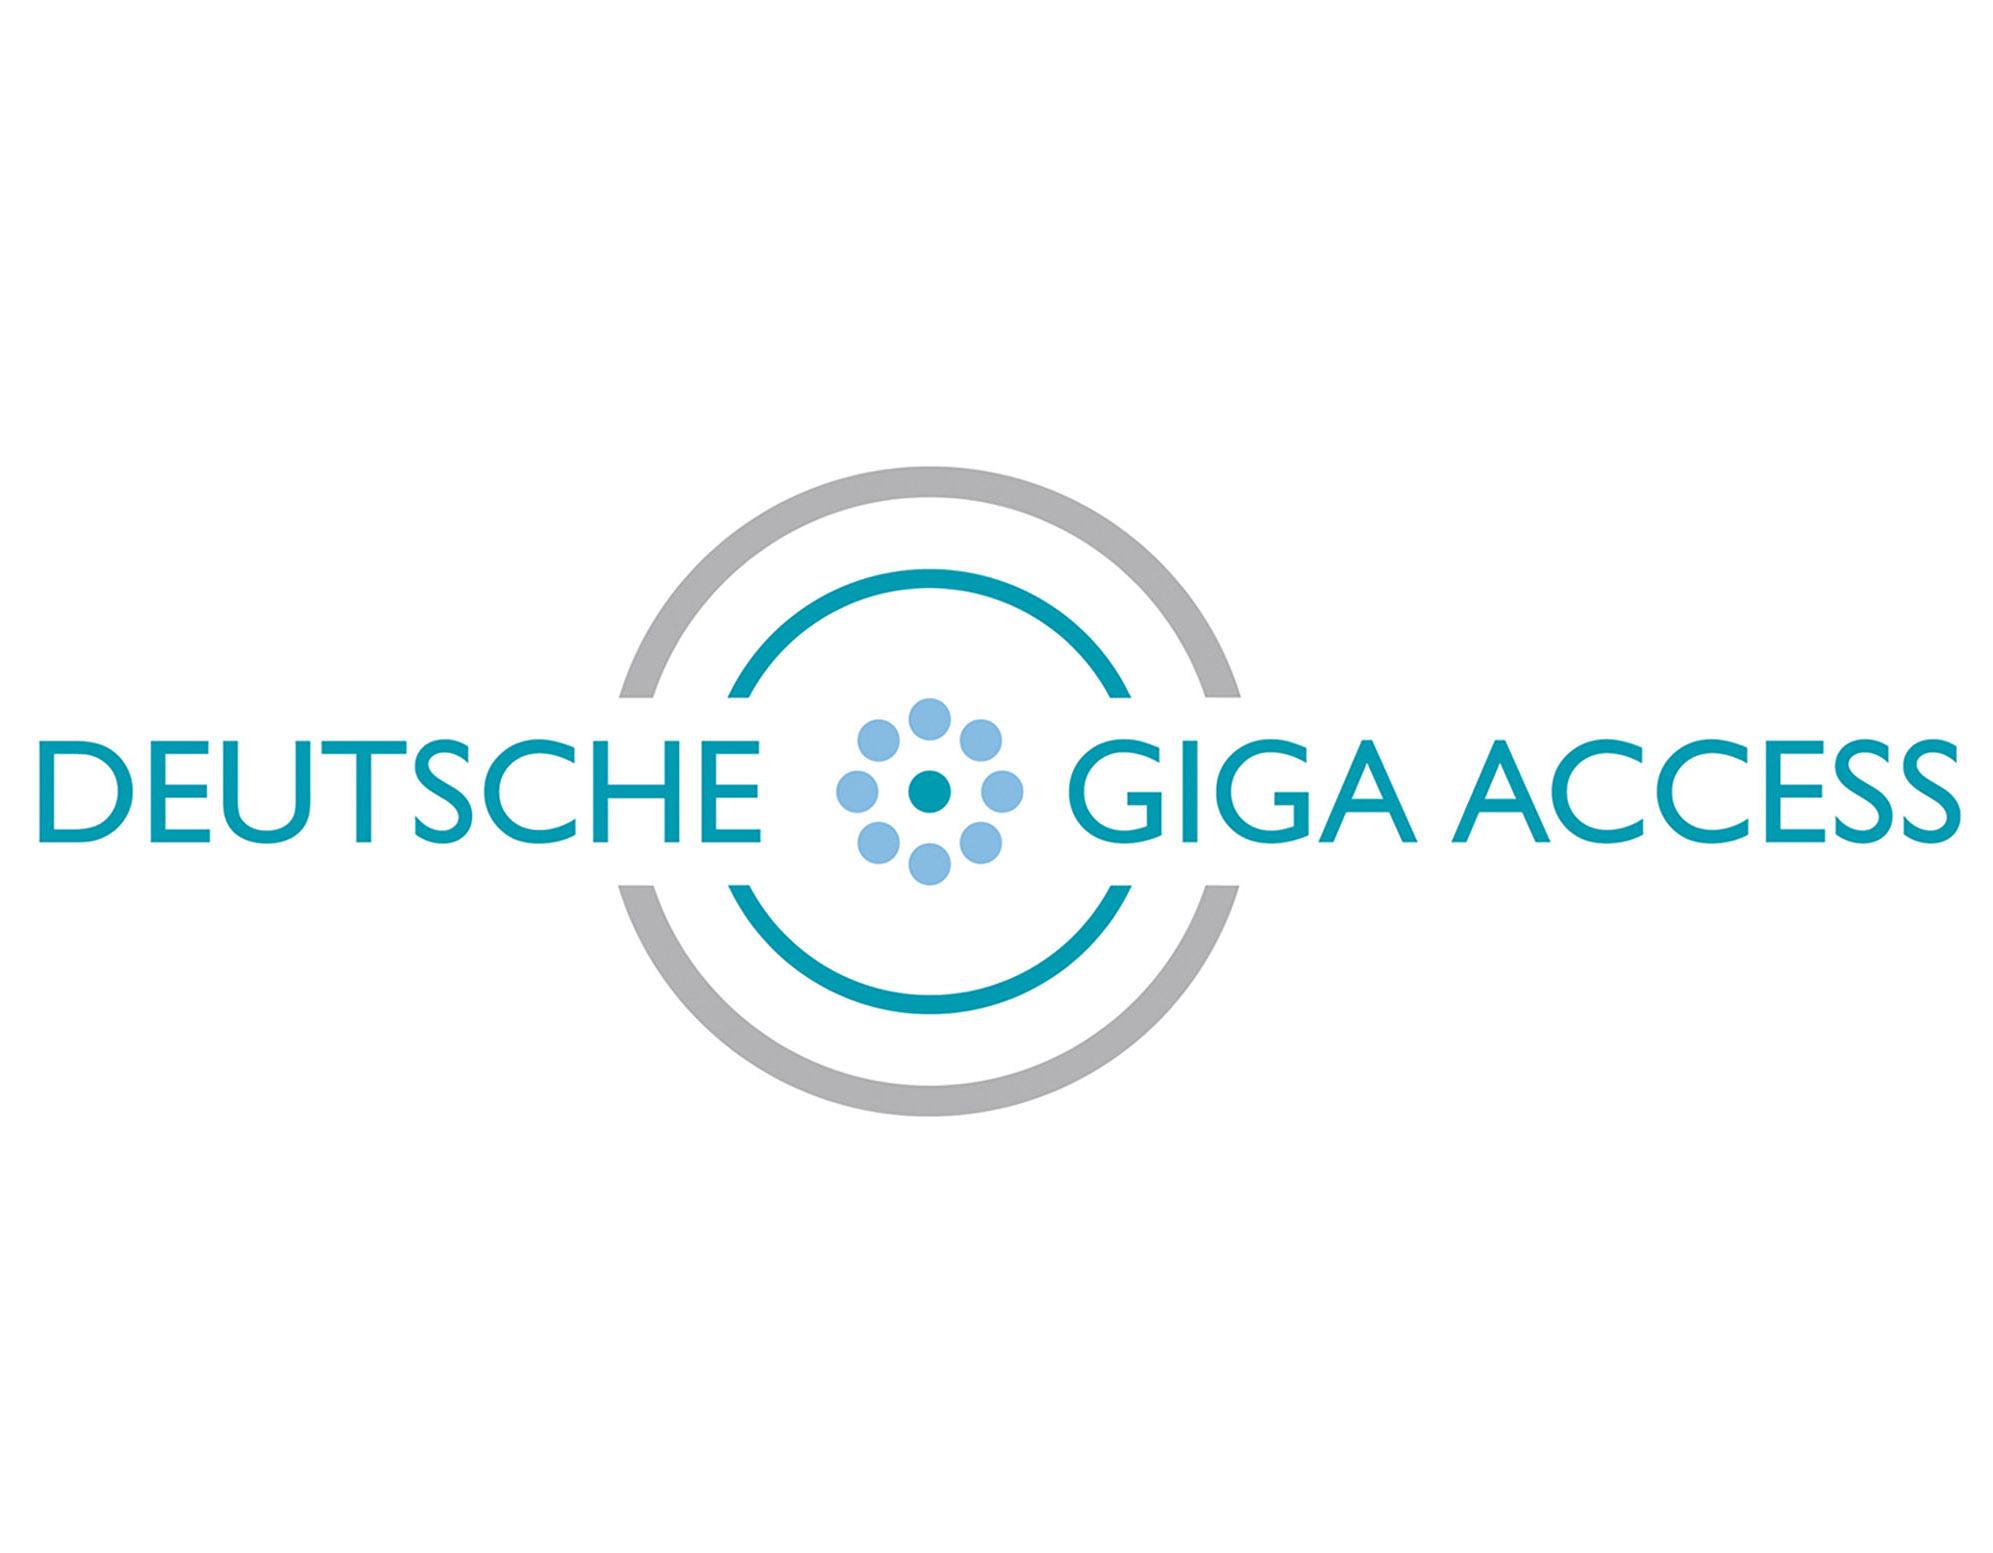 Deutsche Giga Access